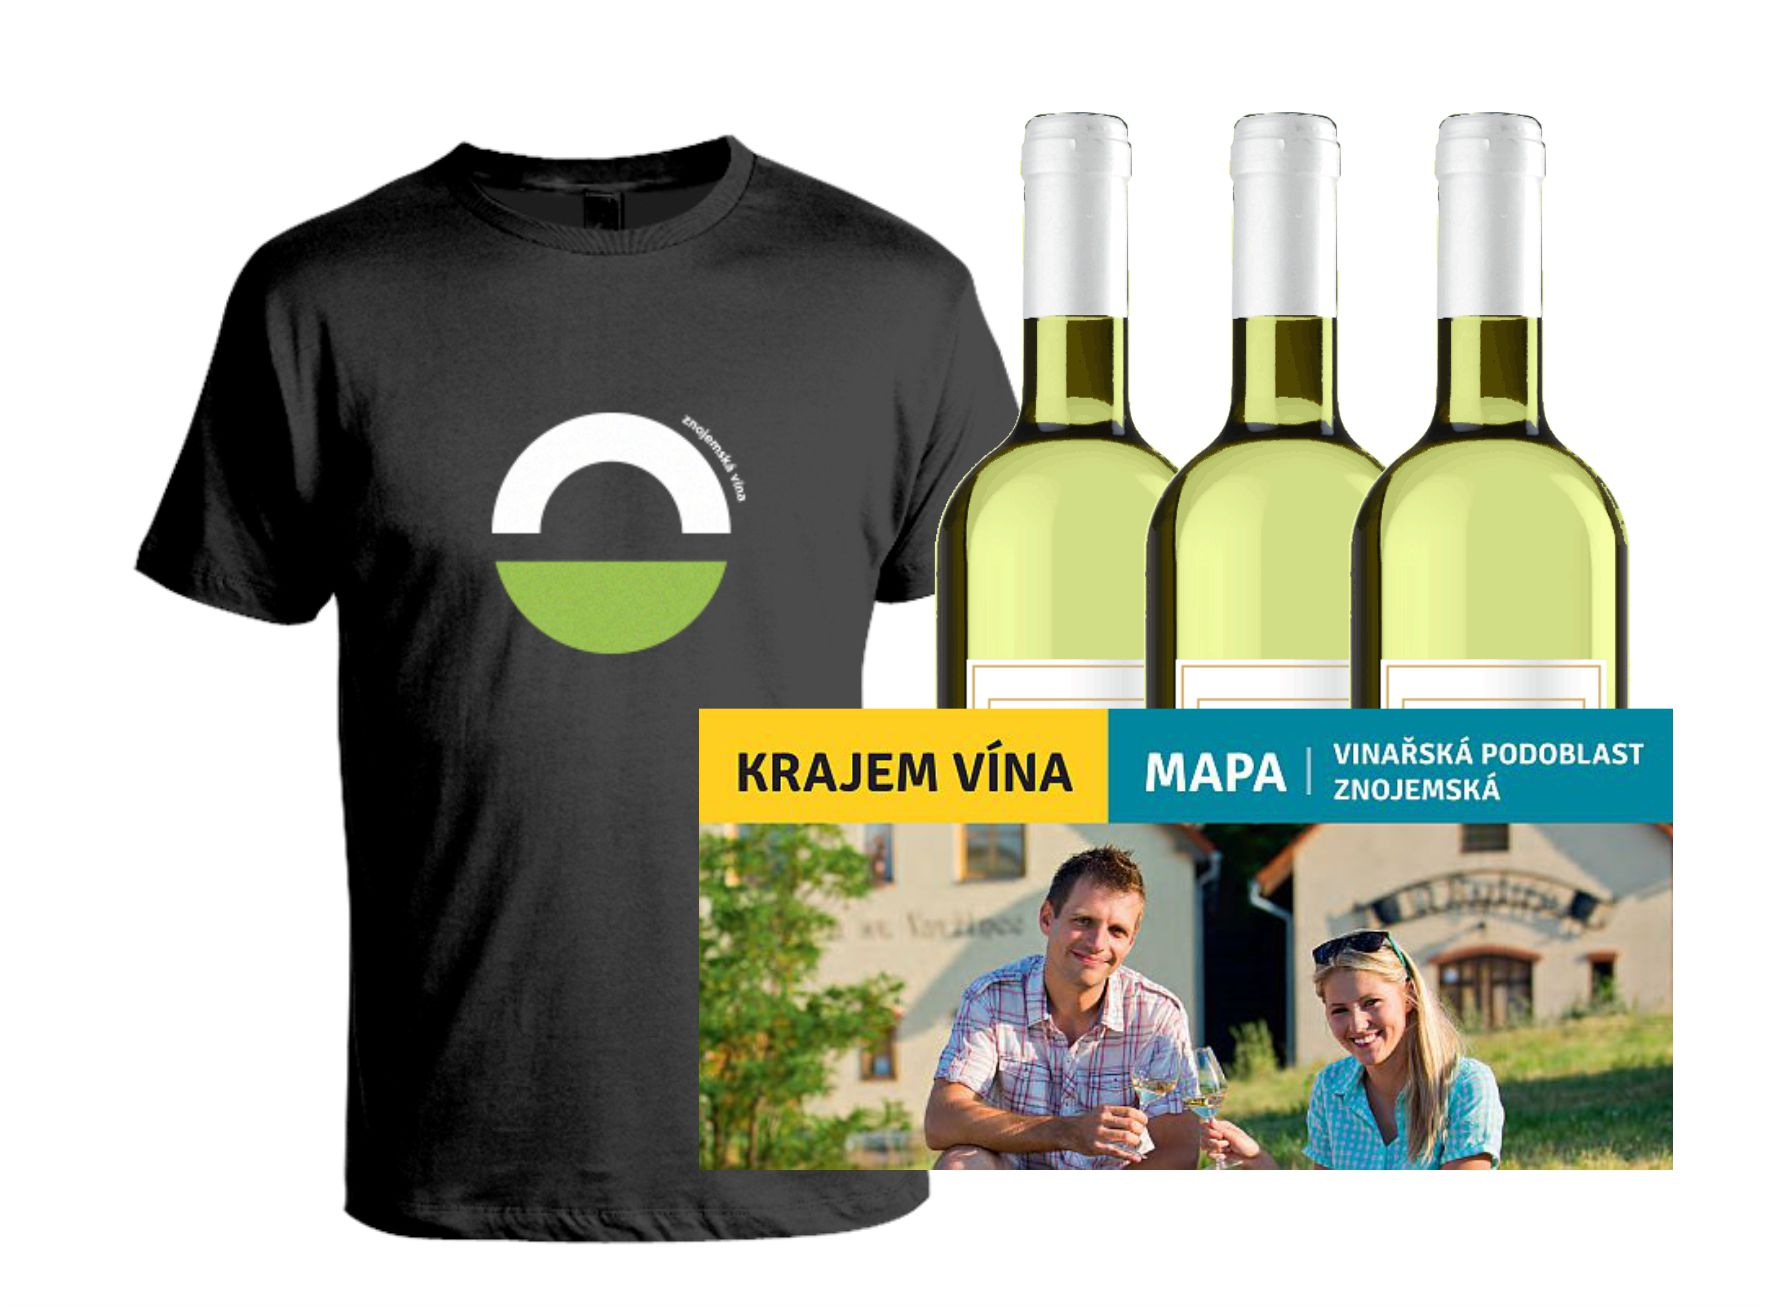 Vyhrajte tři dárkové sady s vínem! - www.vinotrh.cz